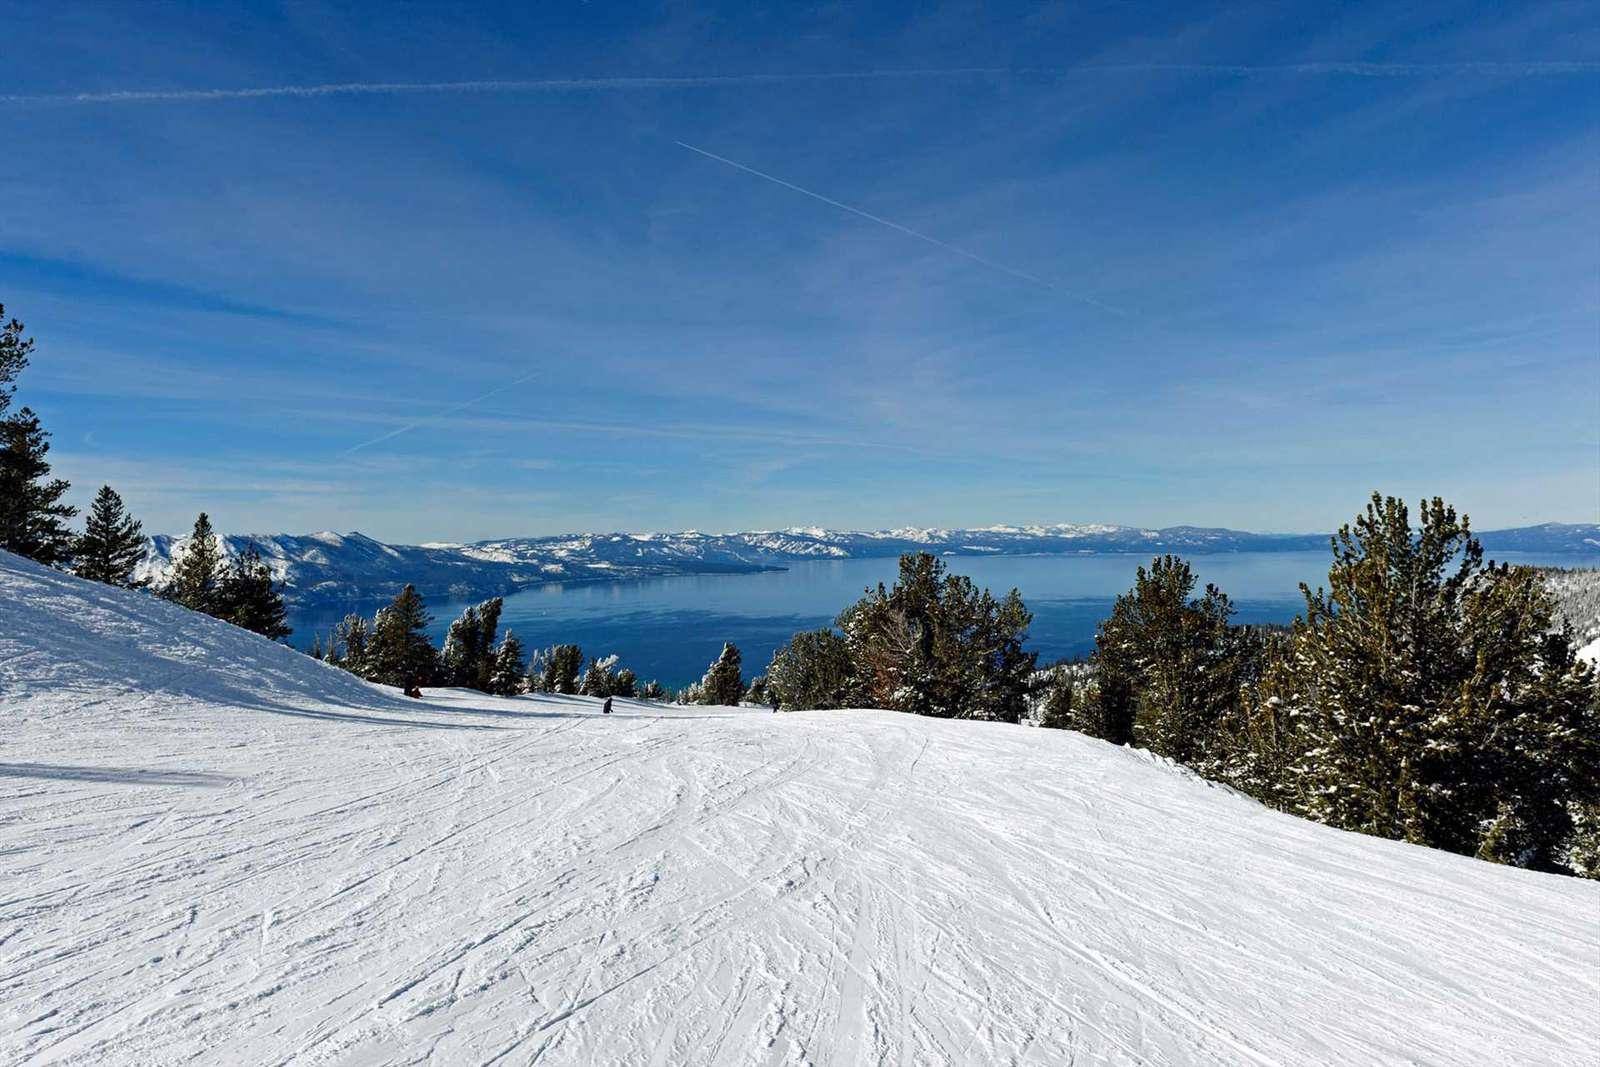 Skiing a Lake Tahoe